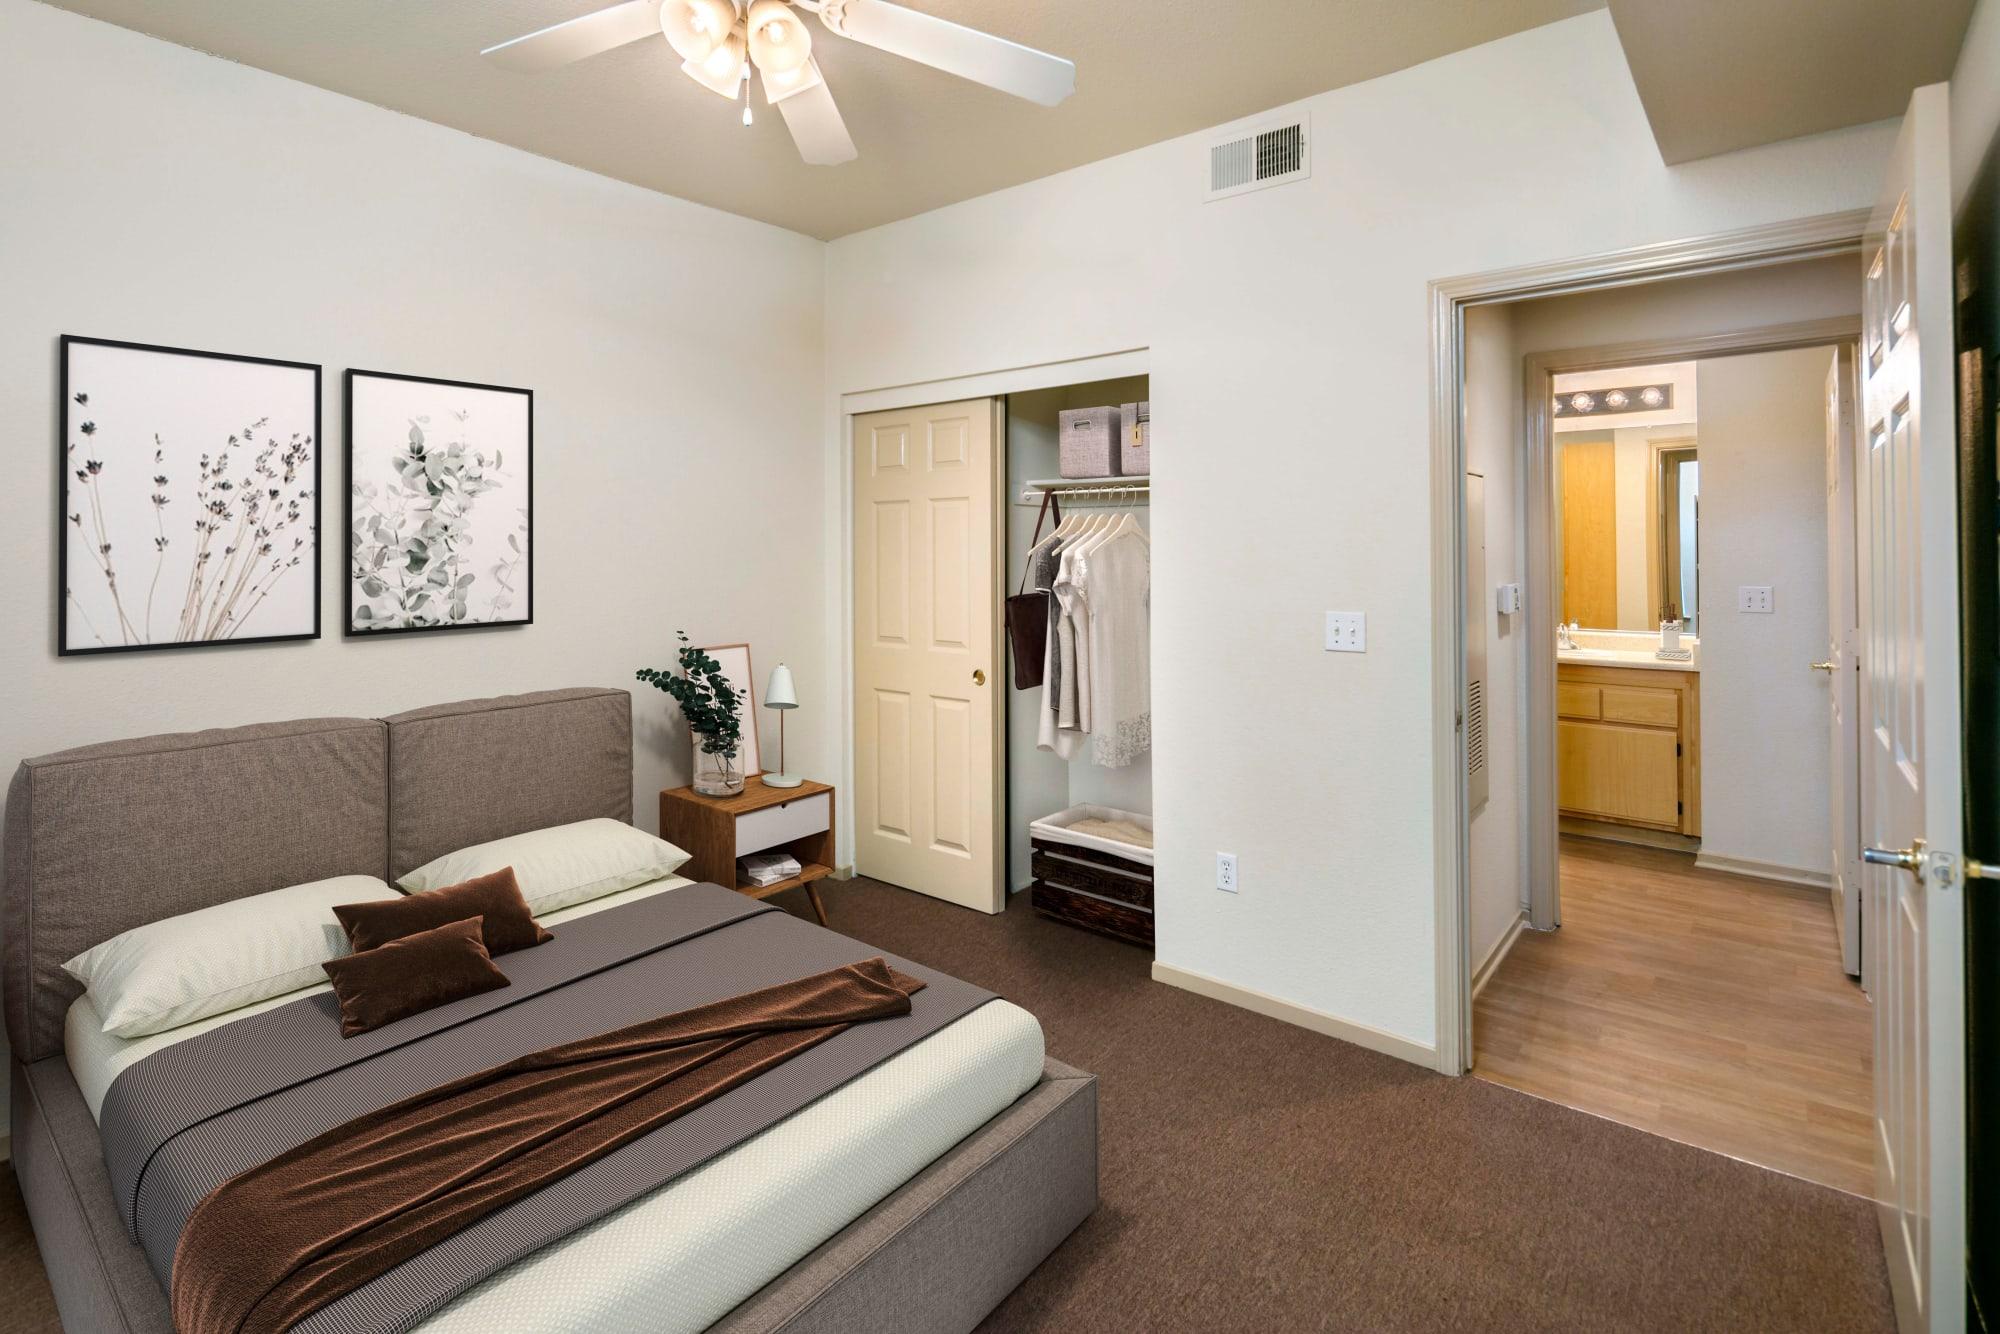 Photos of Natomas Park Apartments in Sacramento, CA